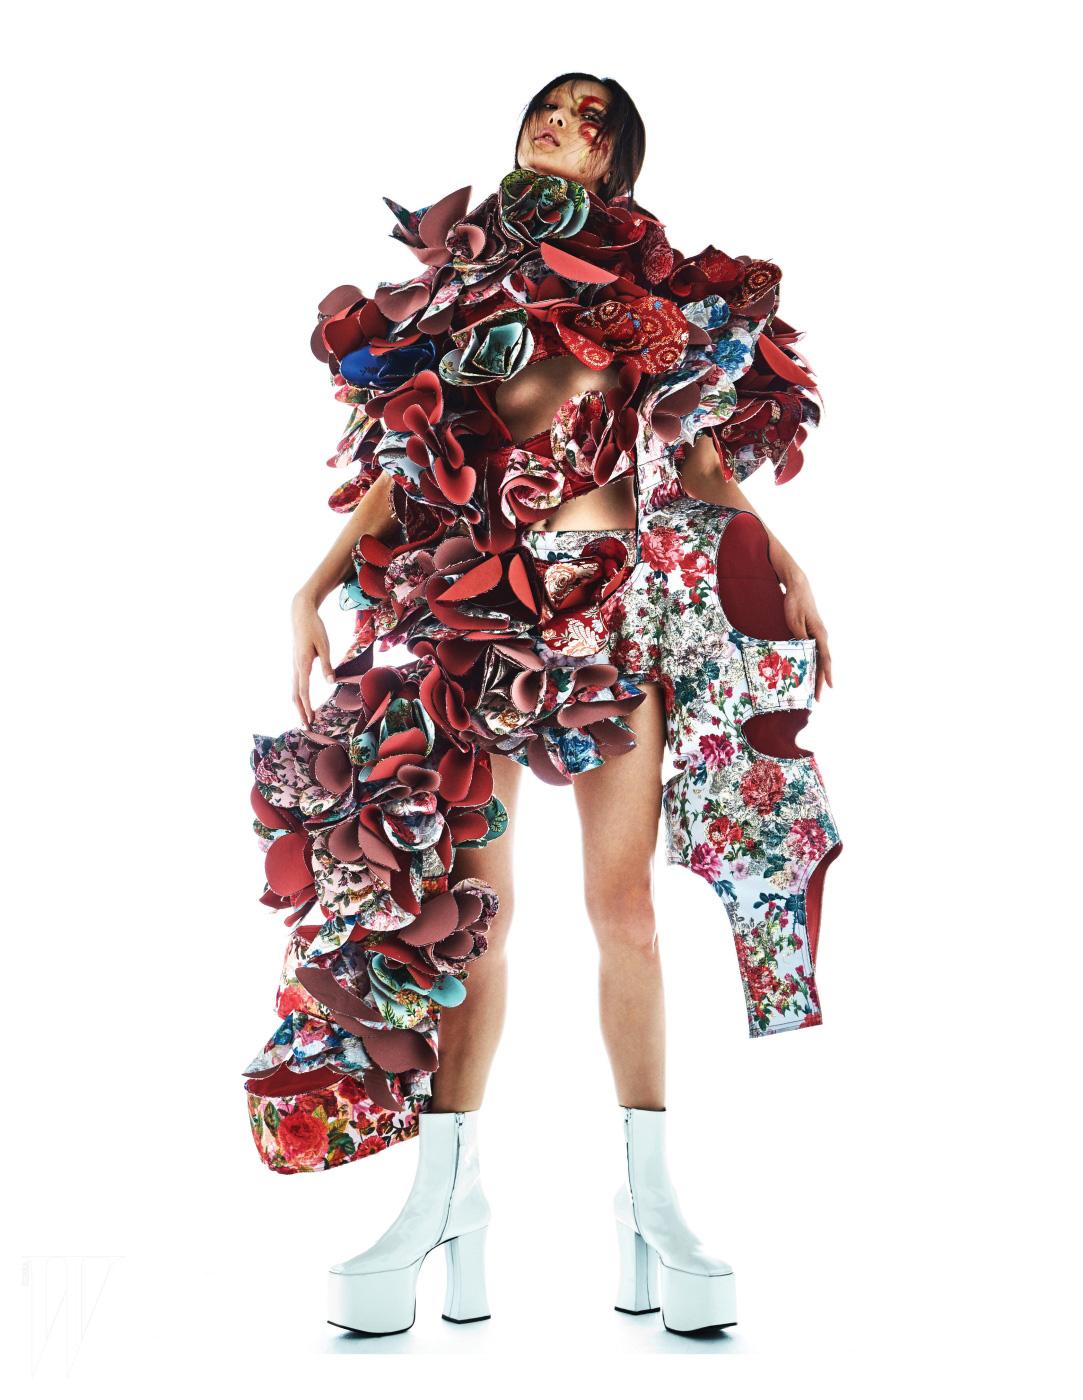 꽃을 테마로 만든 거대한 건축적인 드레스는 Comme des Garcons, 높은 플랫폼의 흰색 고고 부츠는 Saks Fifth Avenue Vintage by Angelica 제품.